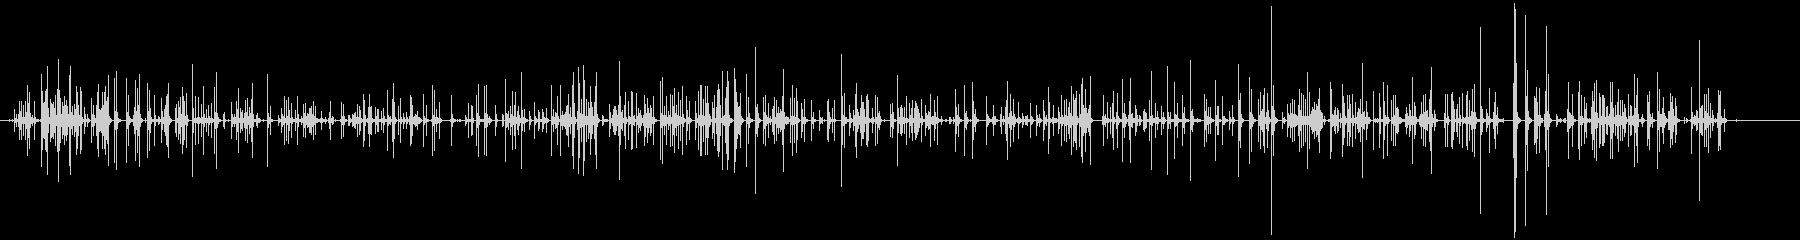 パソコンのキーボード打鍵音(カタカタ)の未再生の波形